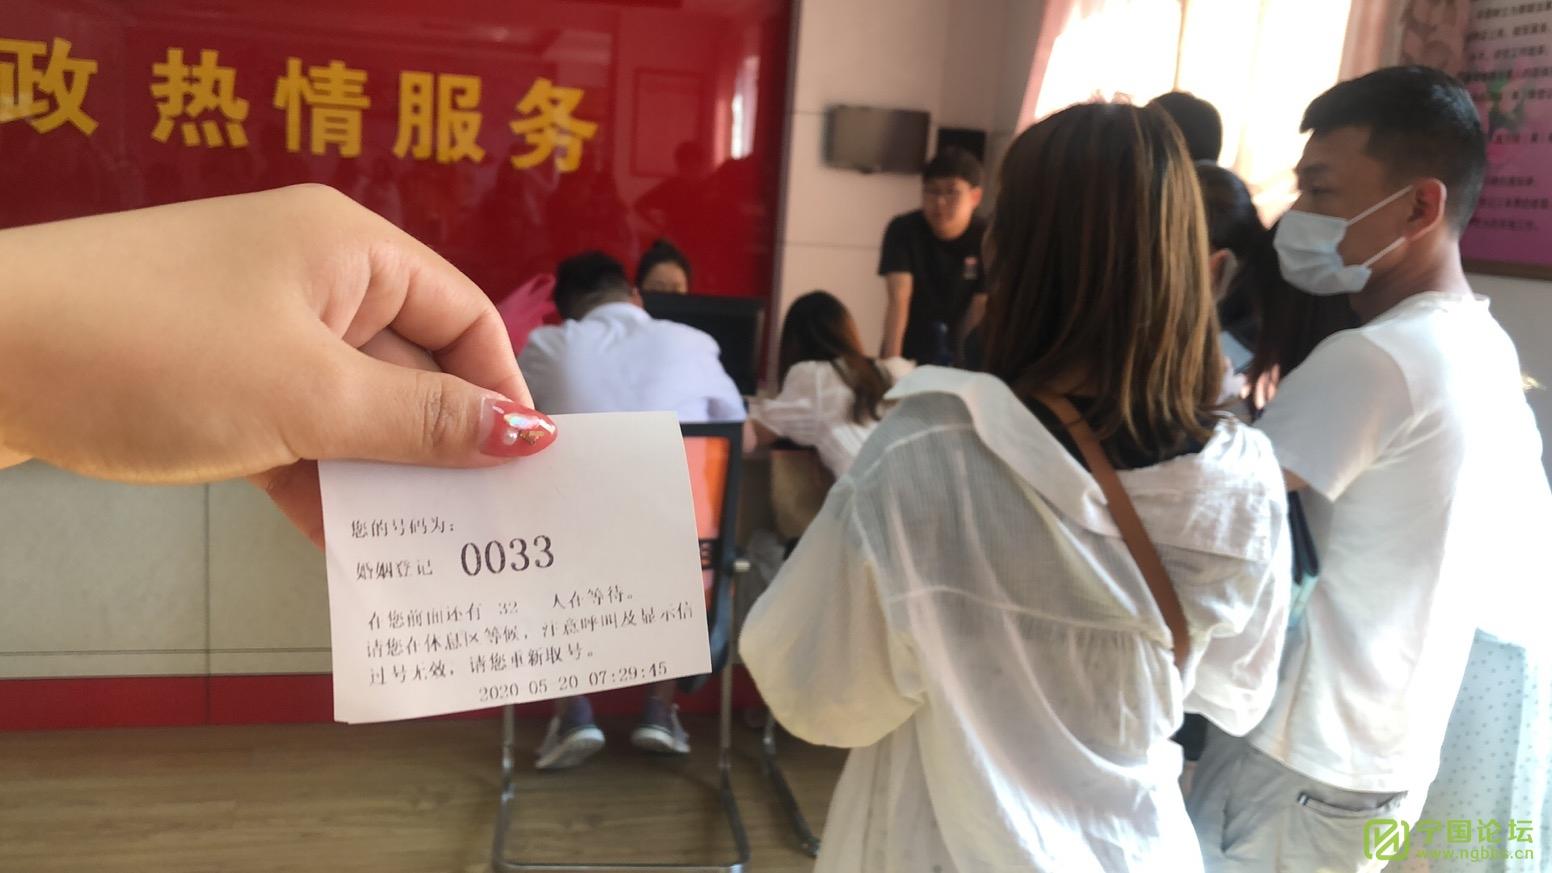 今天520,健康大楼排起长龙,早上五点多新人扎堆来领证! - 宁国论坛 - 微信图片_20200520081243.jpg